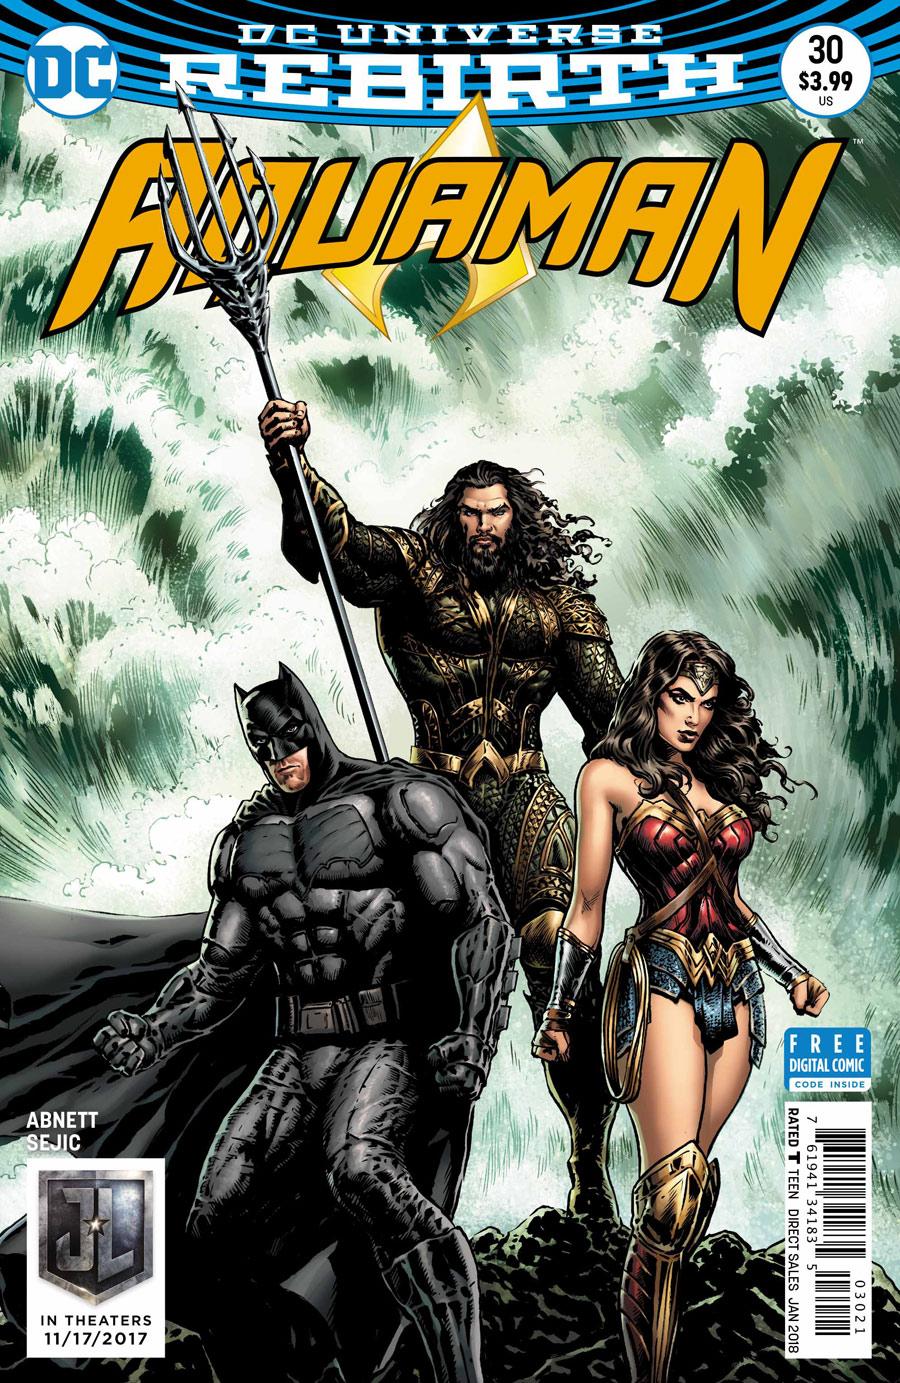 Aquaman Variant - DC Comics News